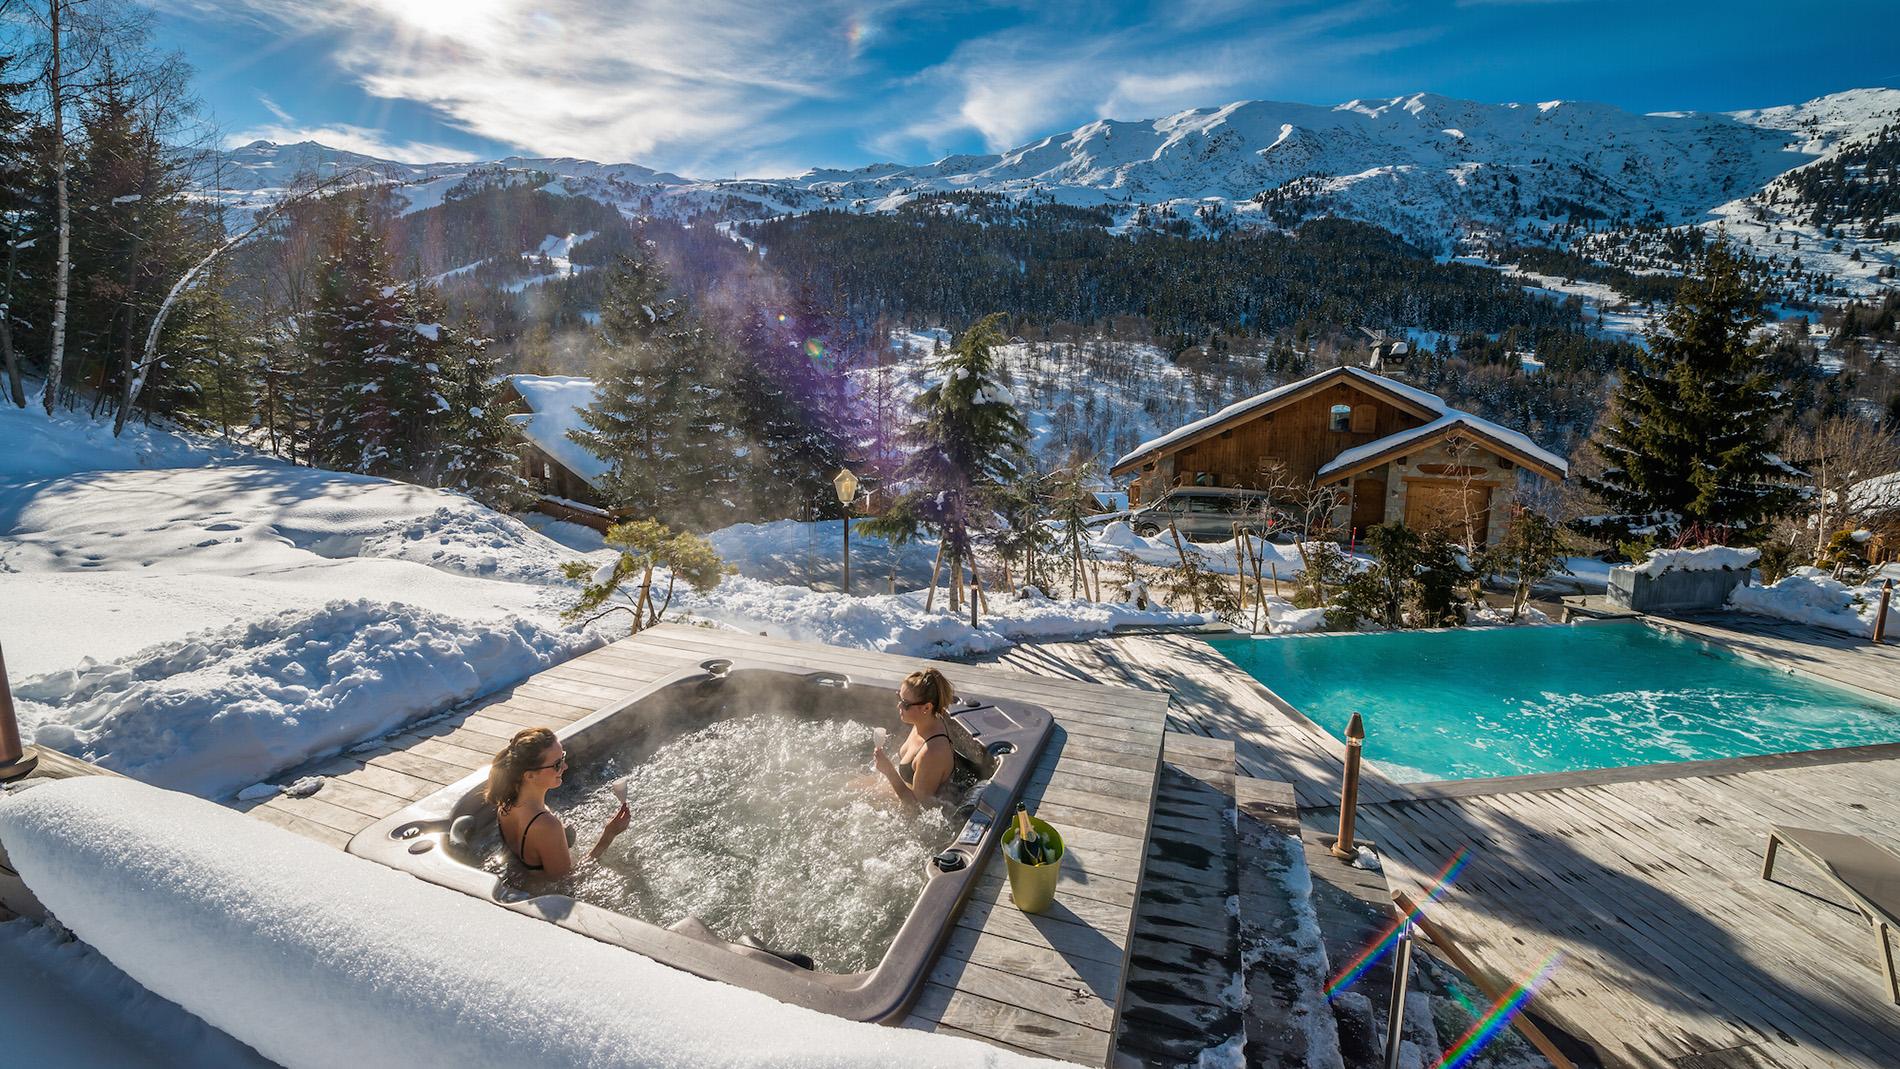 europe's 11 best luxury ski chalets | cnn travel